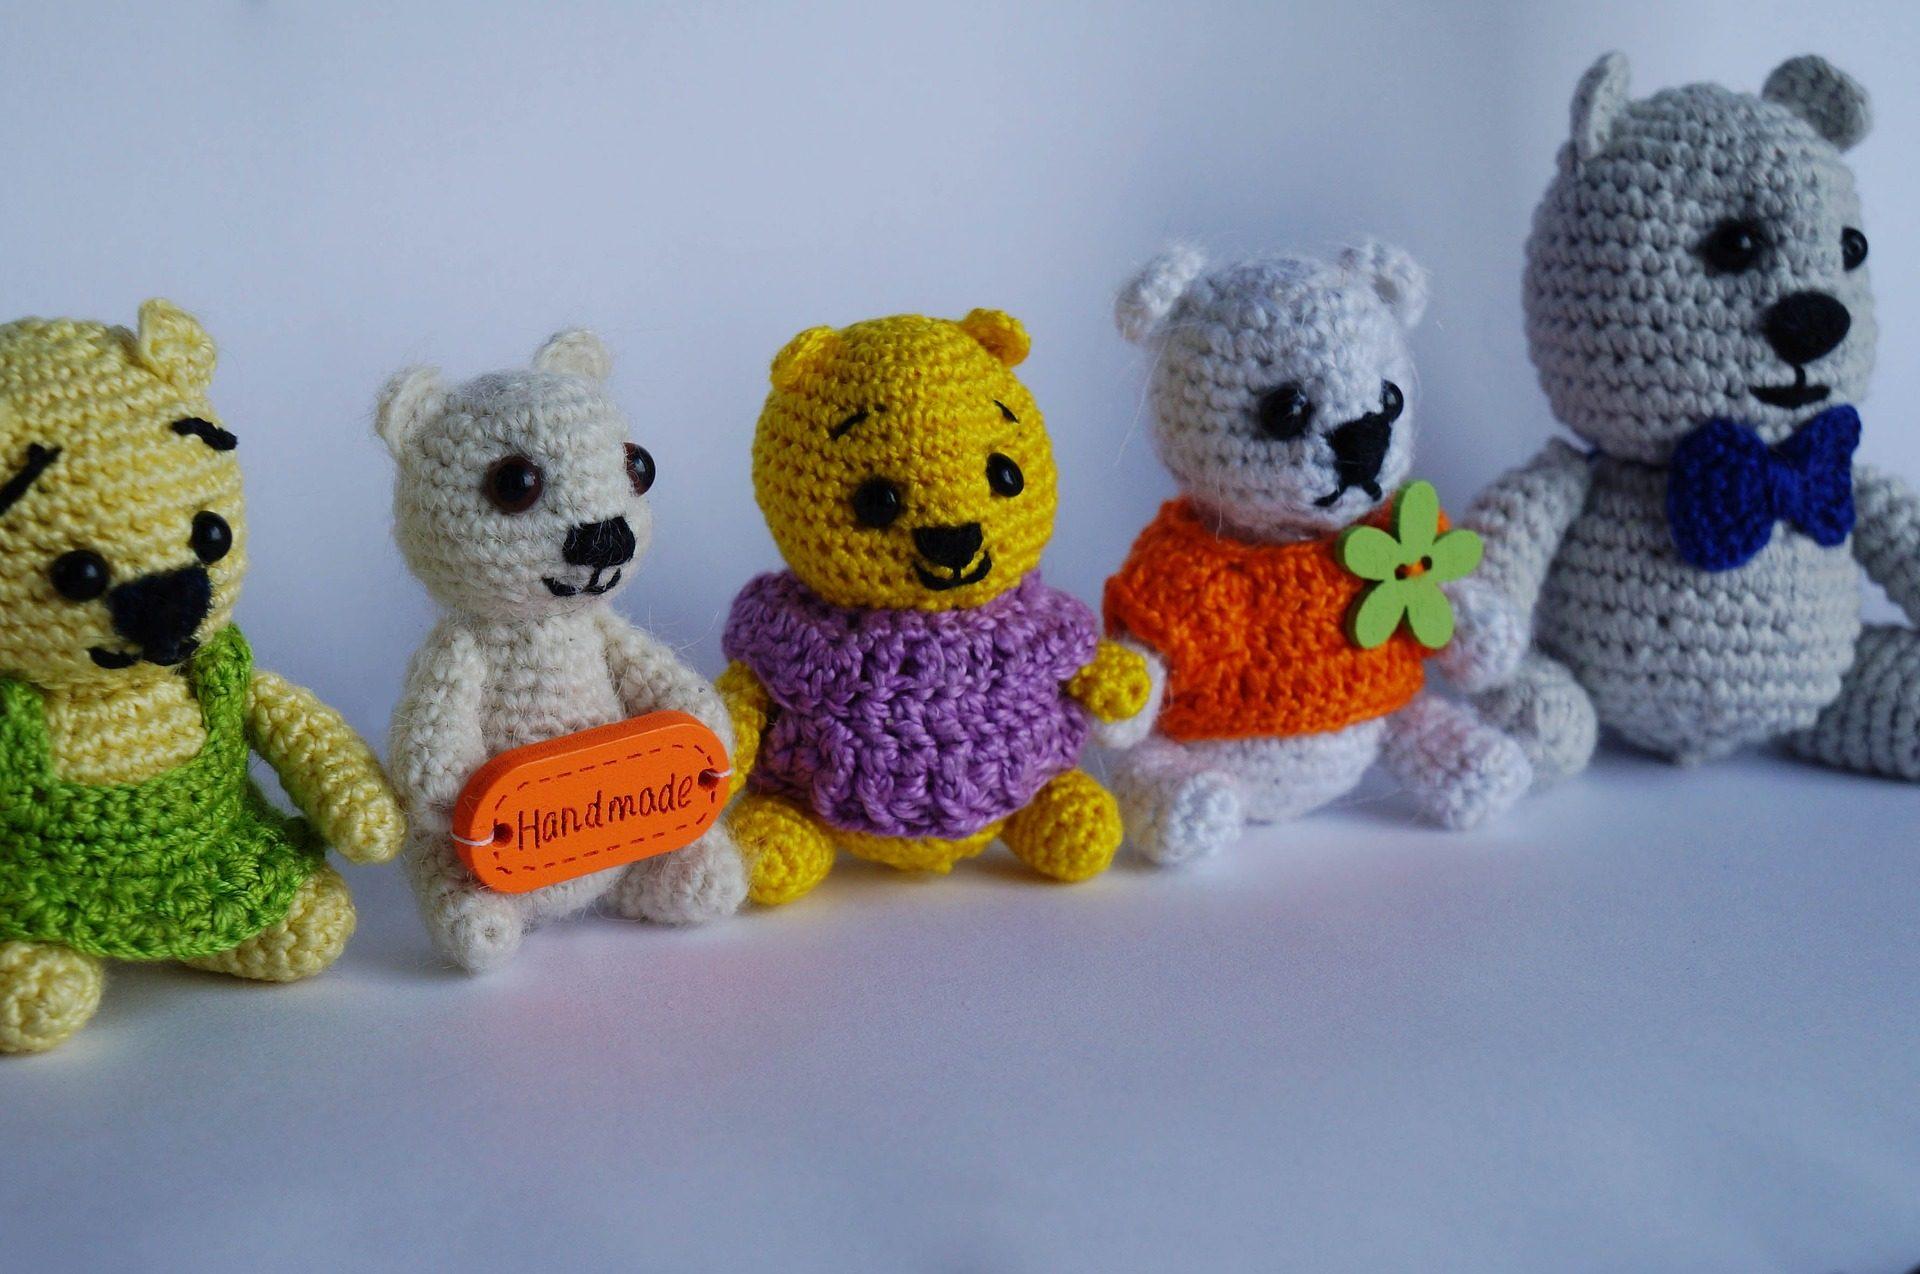 クマ, プラシ天のおもちゃ, おもちゃ, ウール, amigurumis - HD の壁紙 - 教授-falken.com